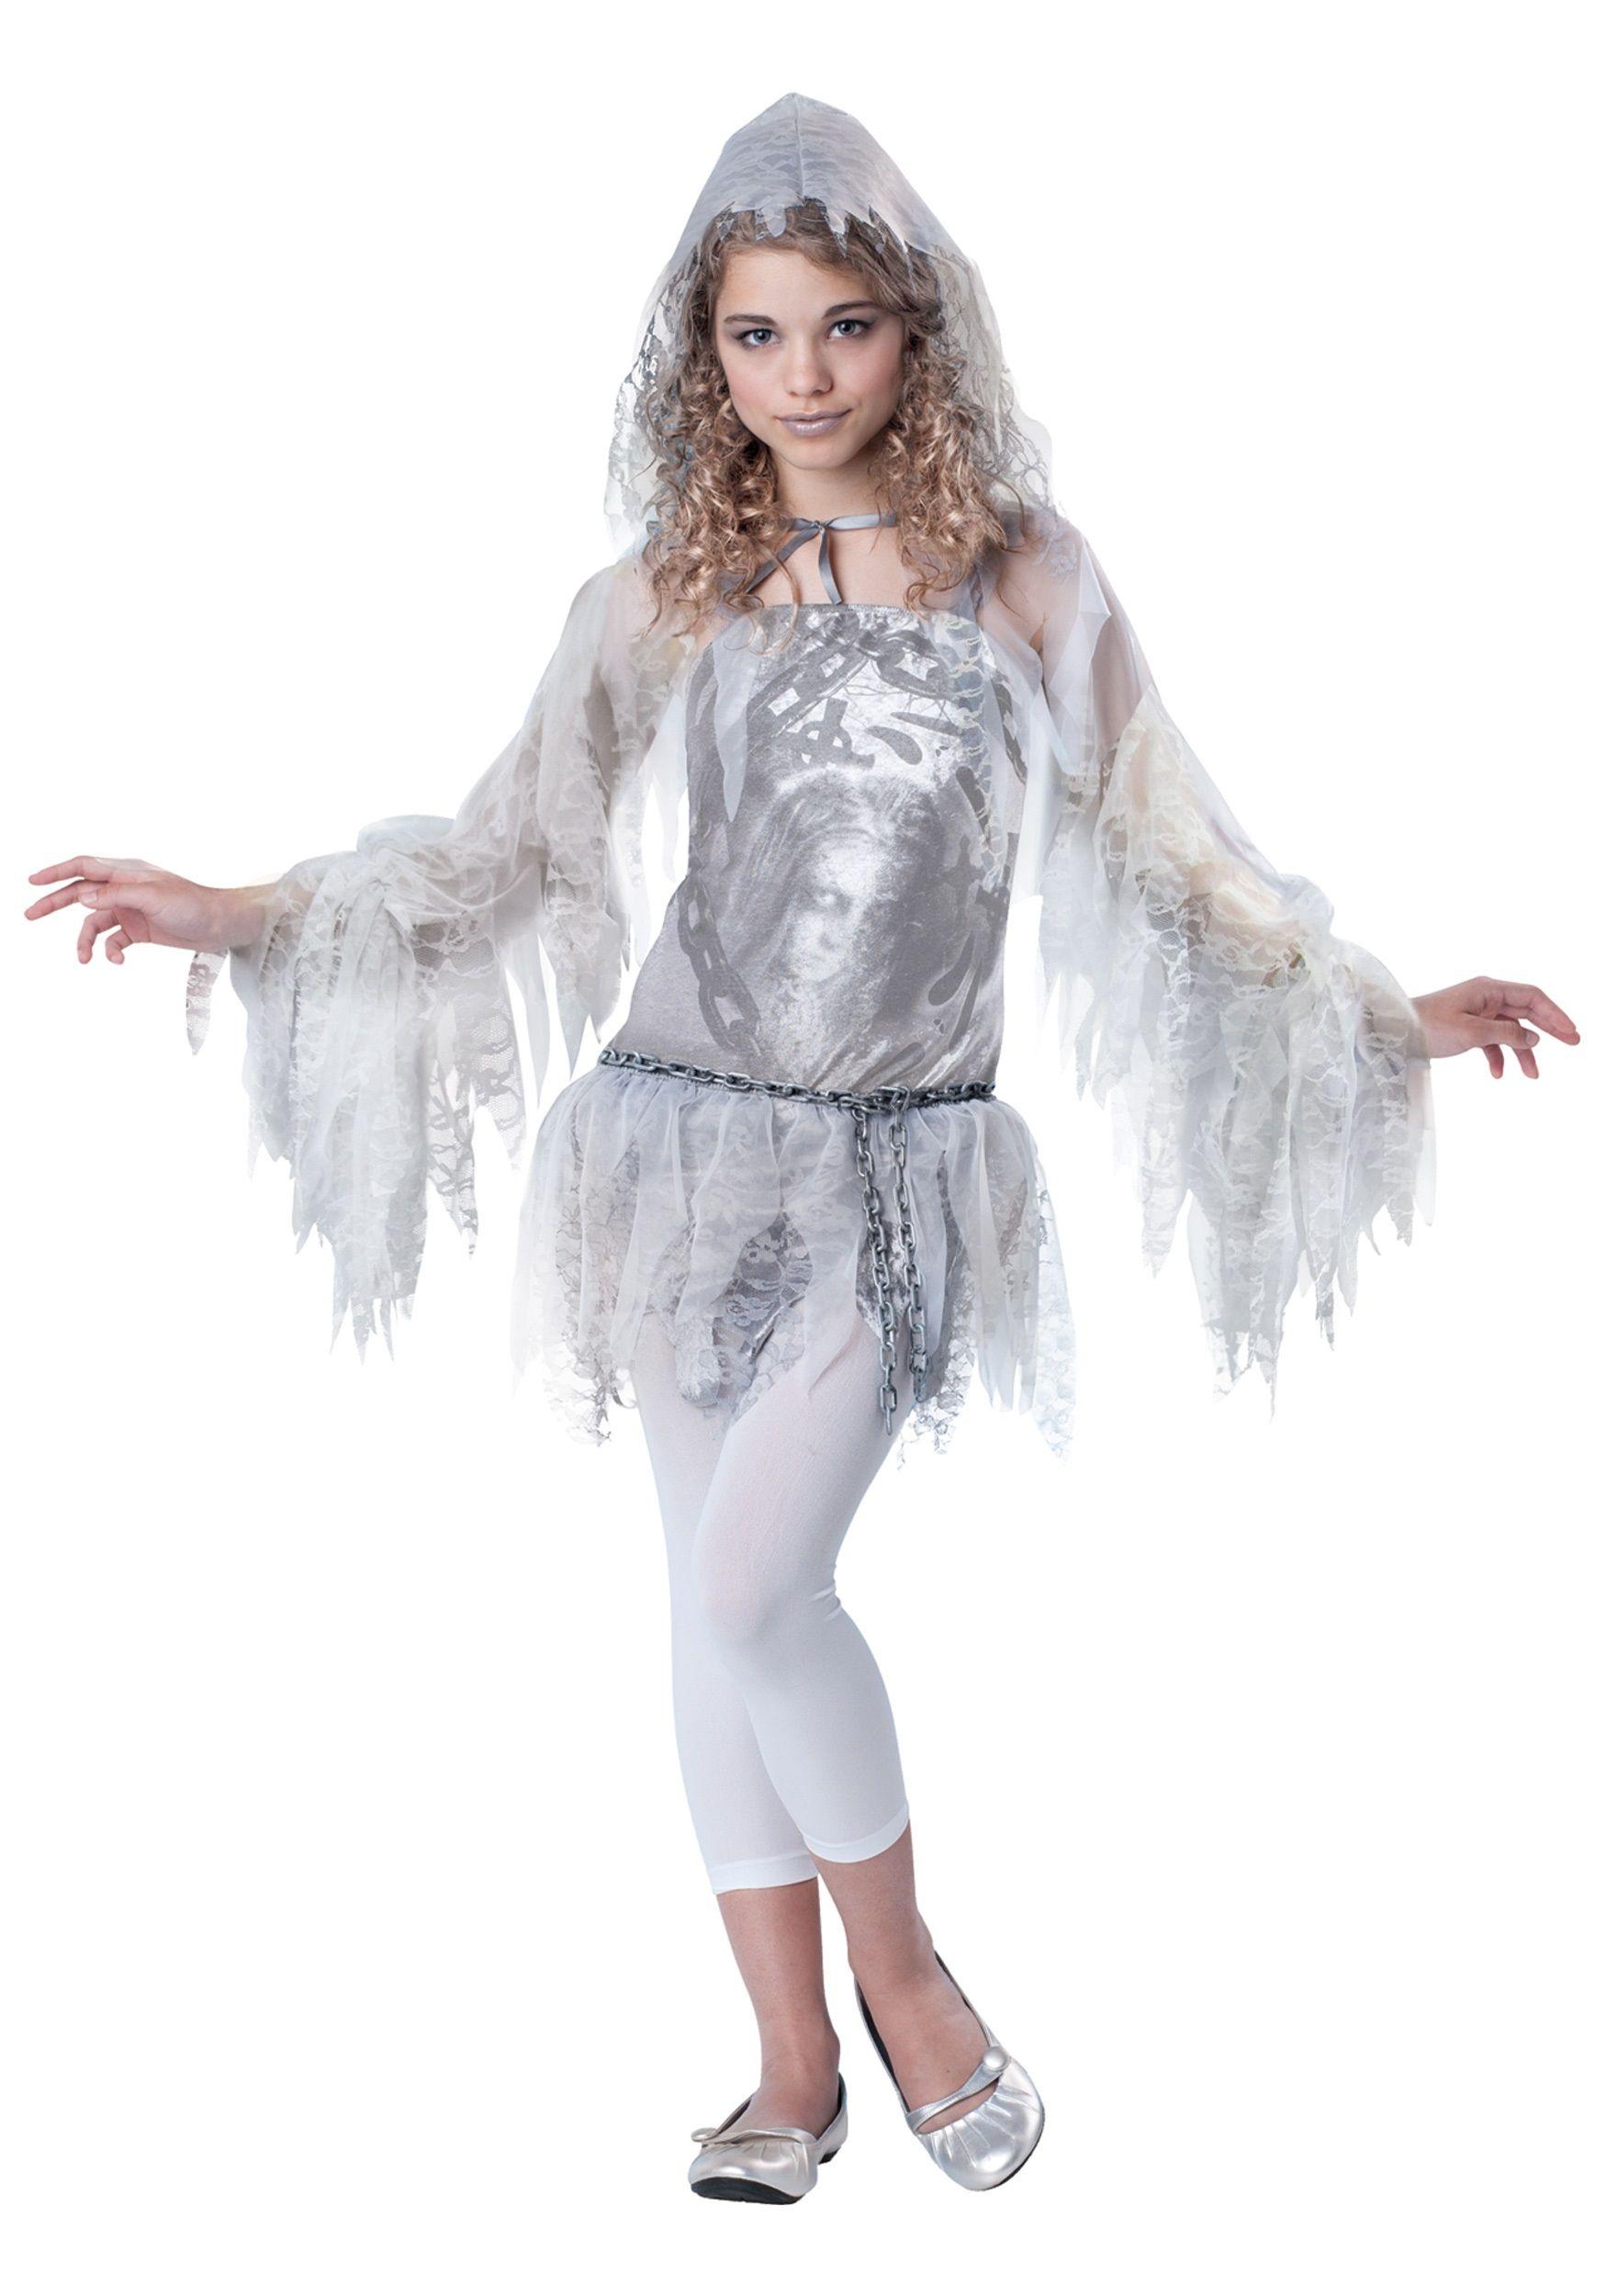 Tween Girls Sassy Spirit Costume | Tween costumes, Ghost costumes ...